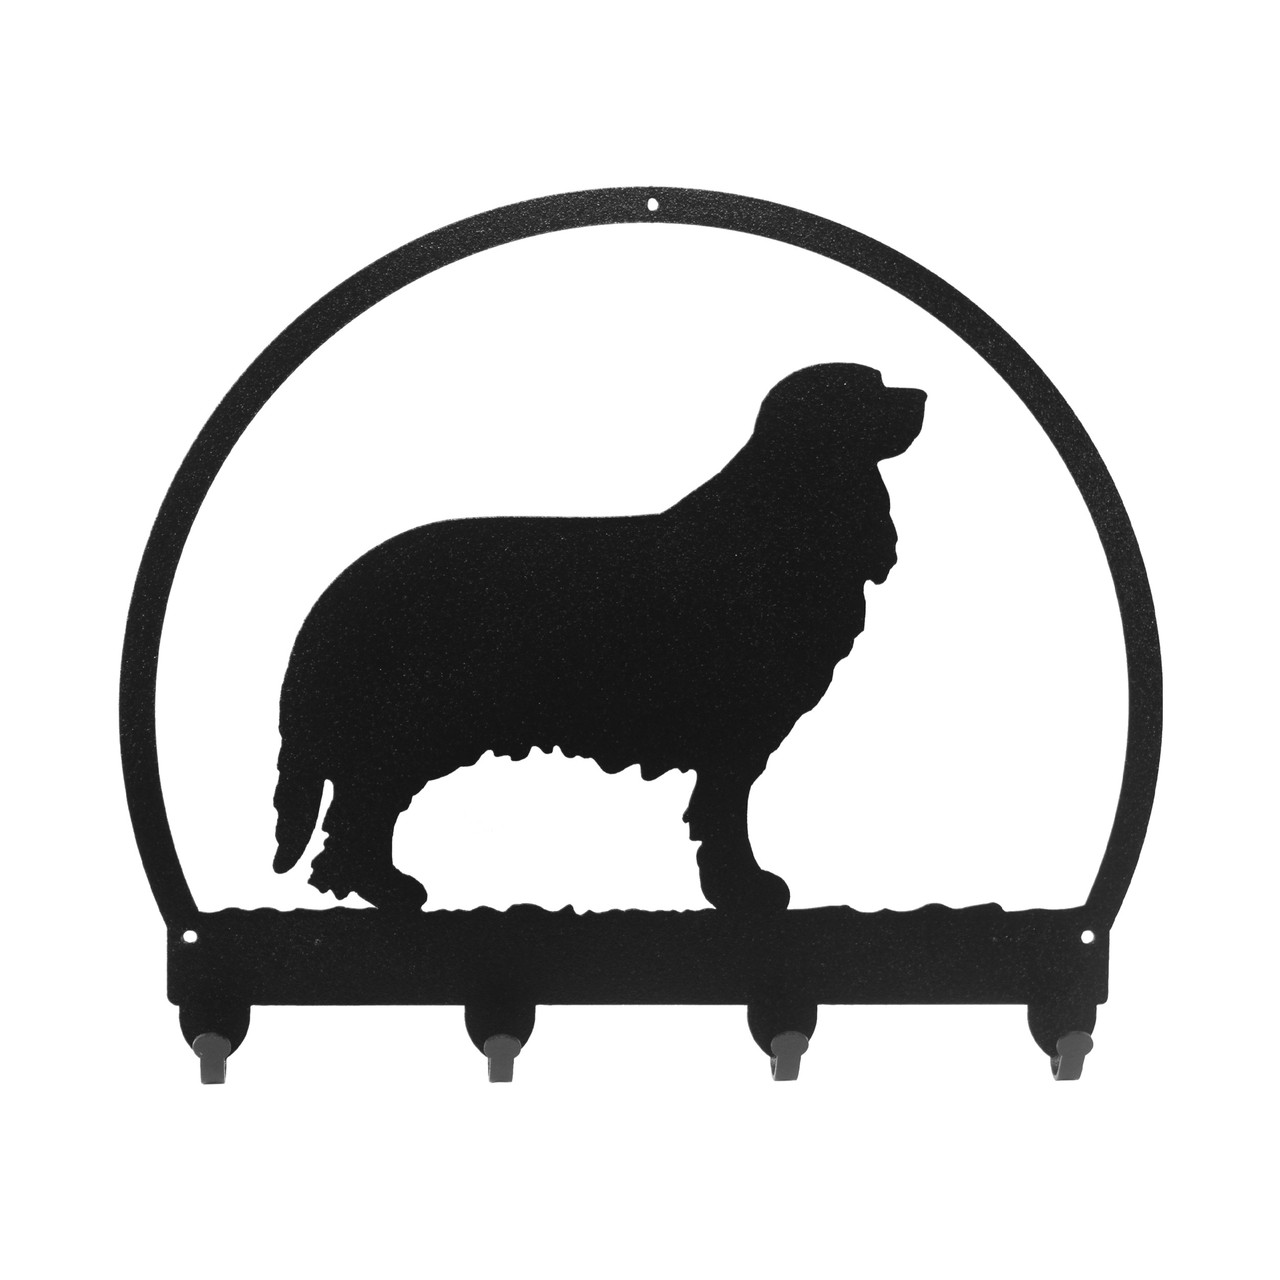 SWEN Products POODLE Dog Black Metal Key Chain Holder Hanger